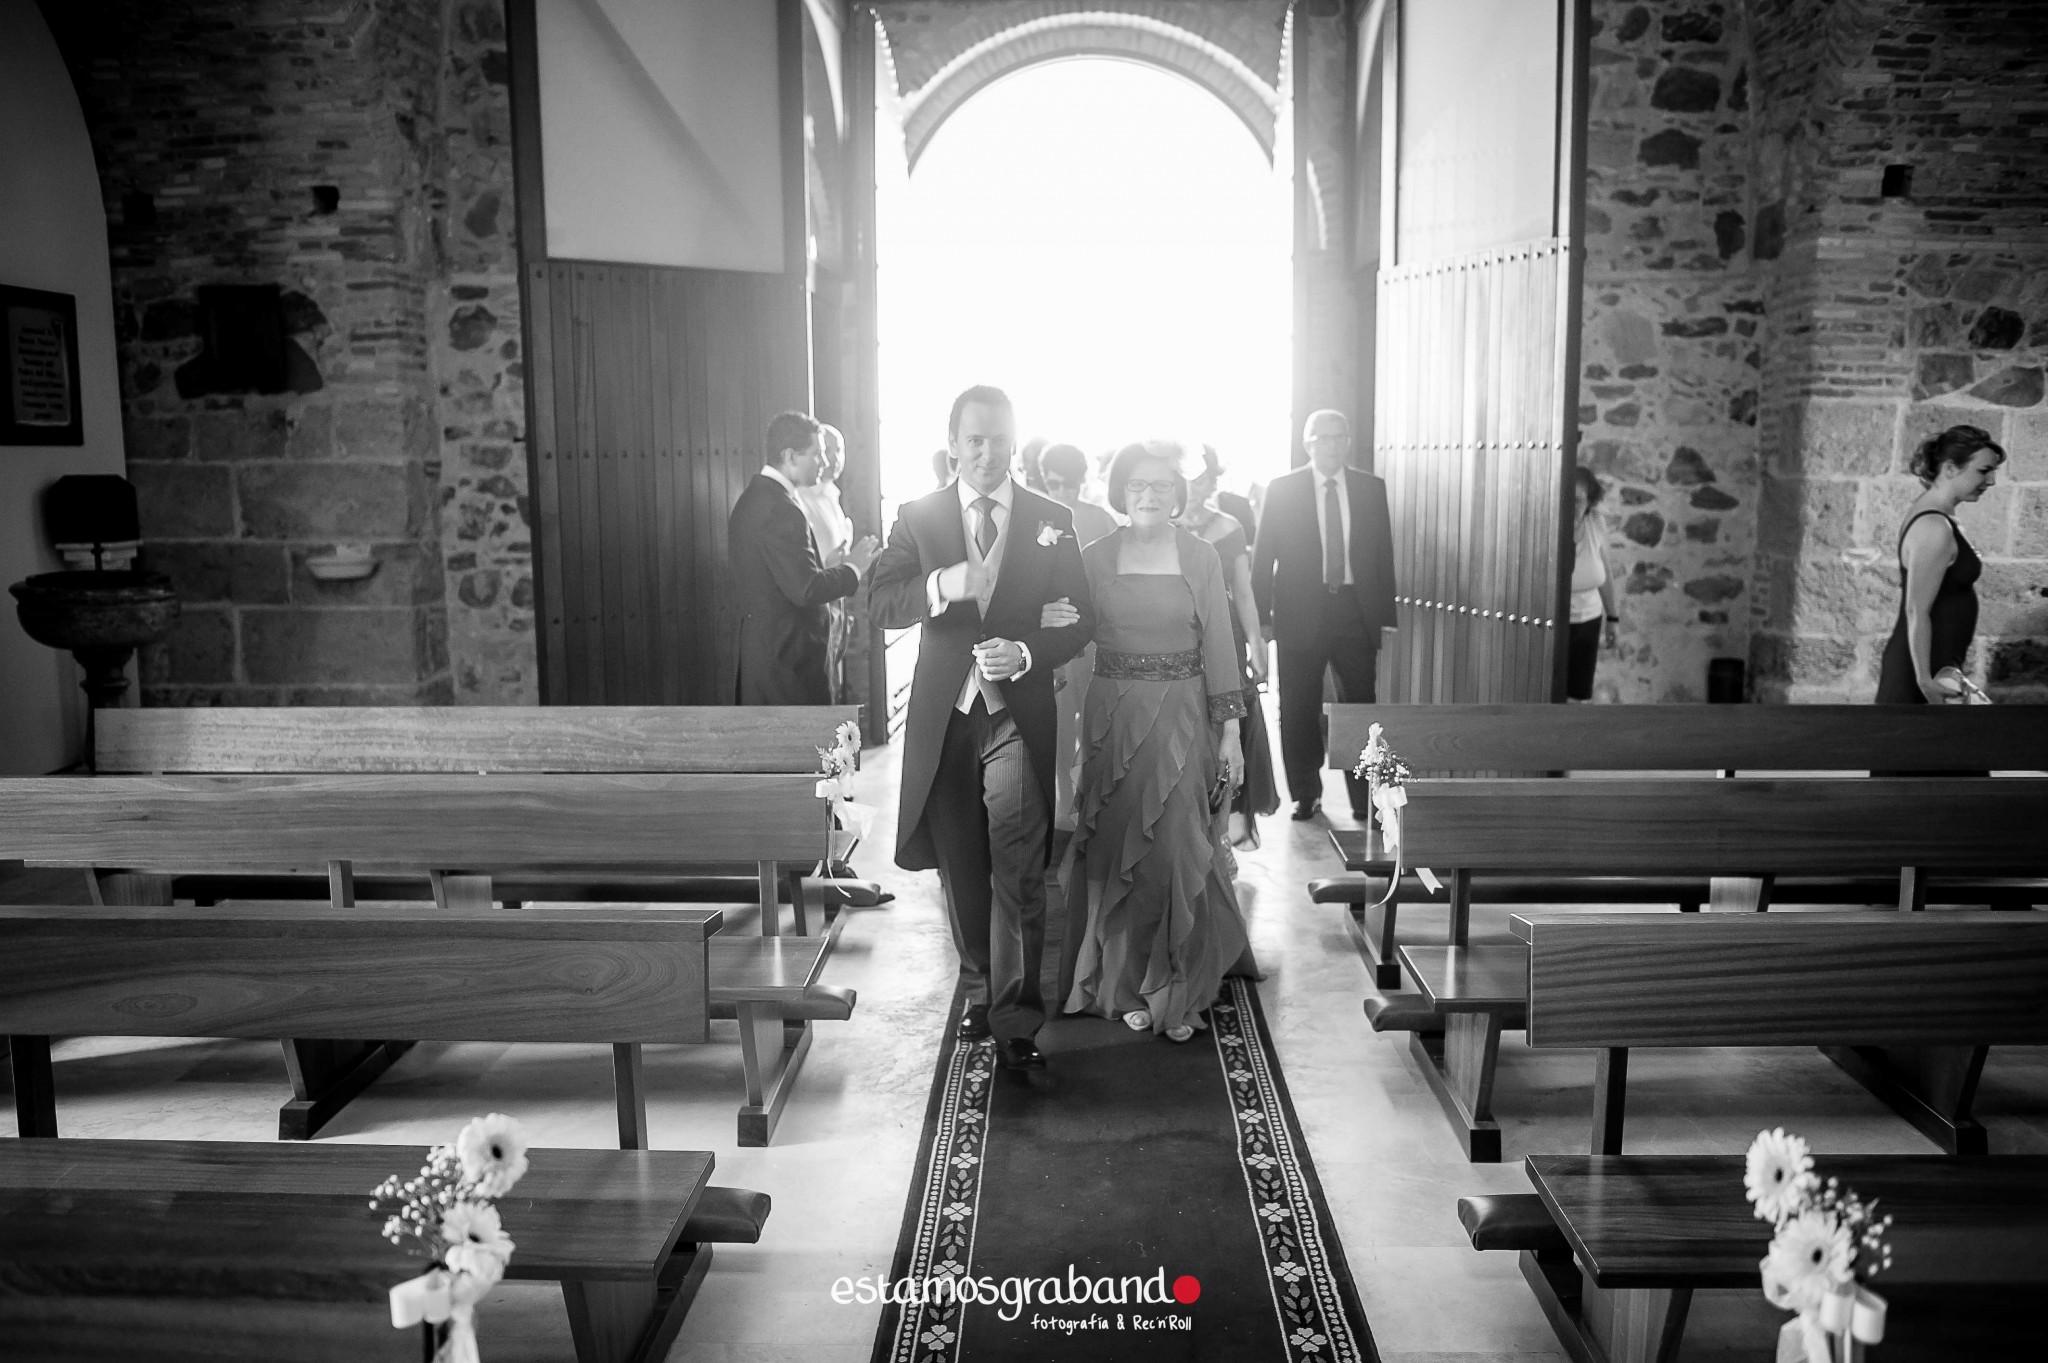 boda-en-chiclana_sonia-y-diego_fotograficc81a-de-boda-33 Zahara Sonia + Diego [Fotografía de Boda en Zahara] - video boda cadiz